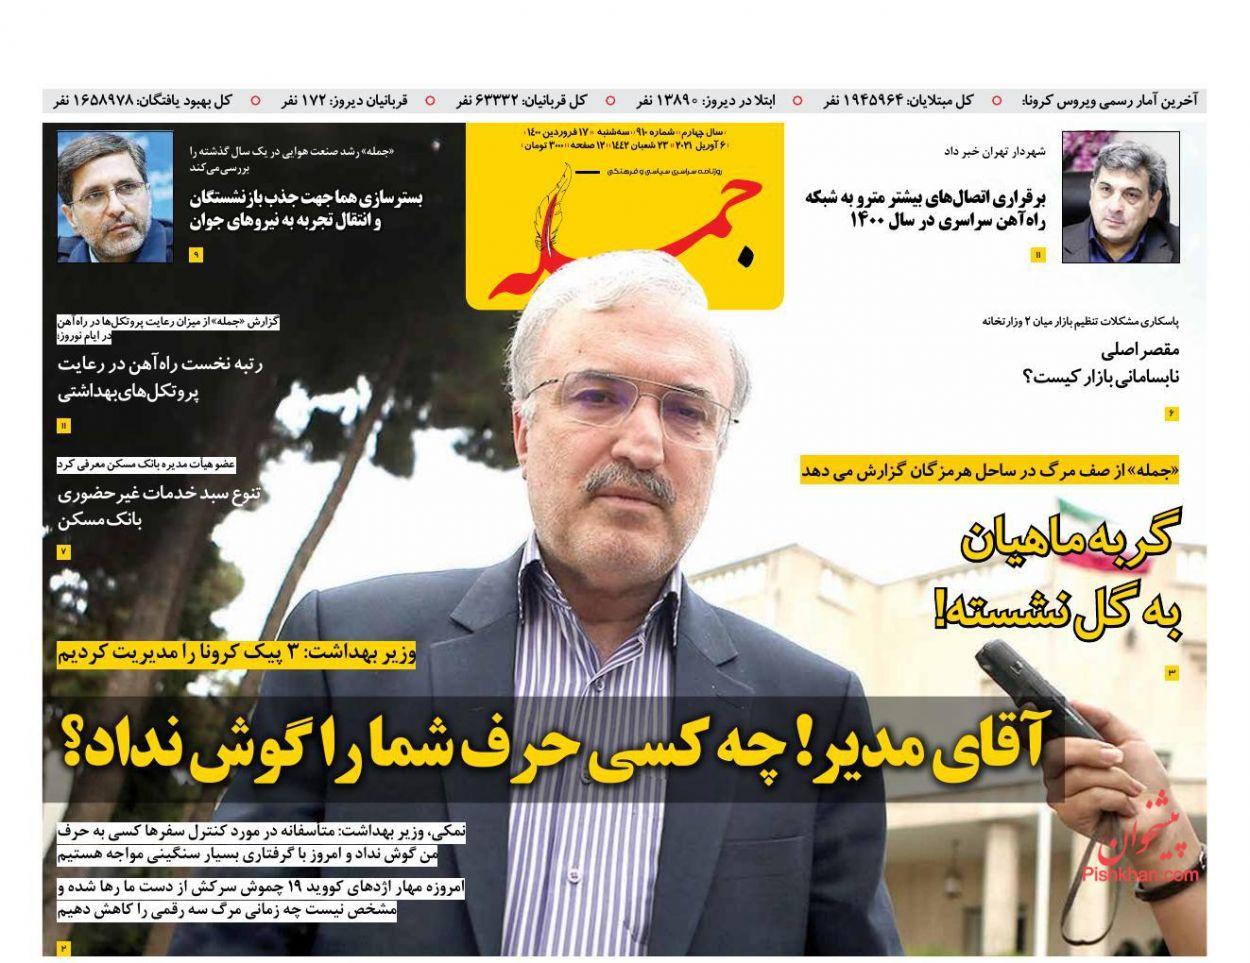 عناوین اخبار روزنامه جمله در روز سهشنبه ۱۷ فروردين